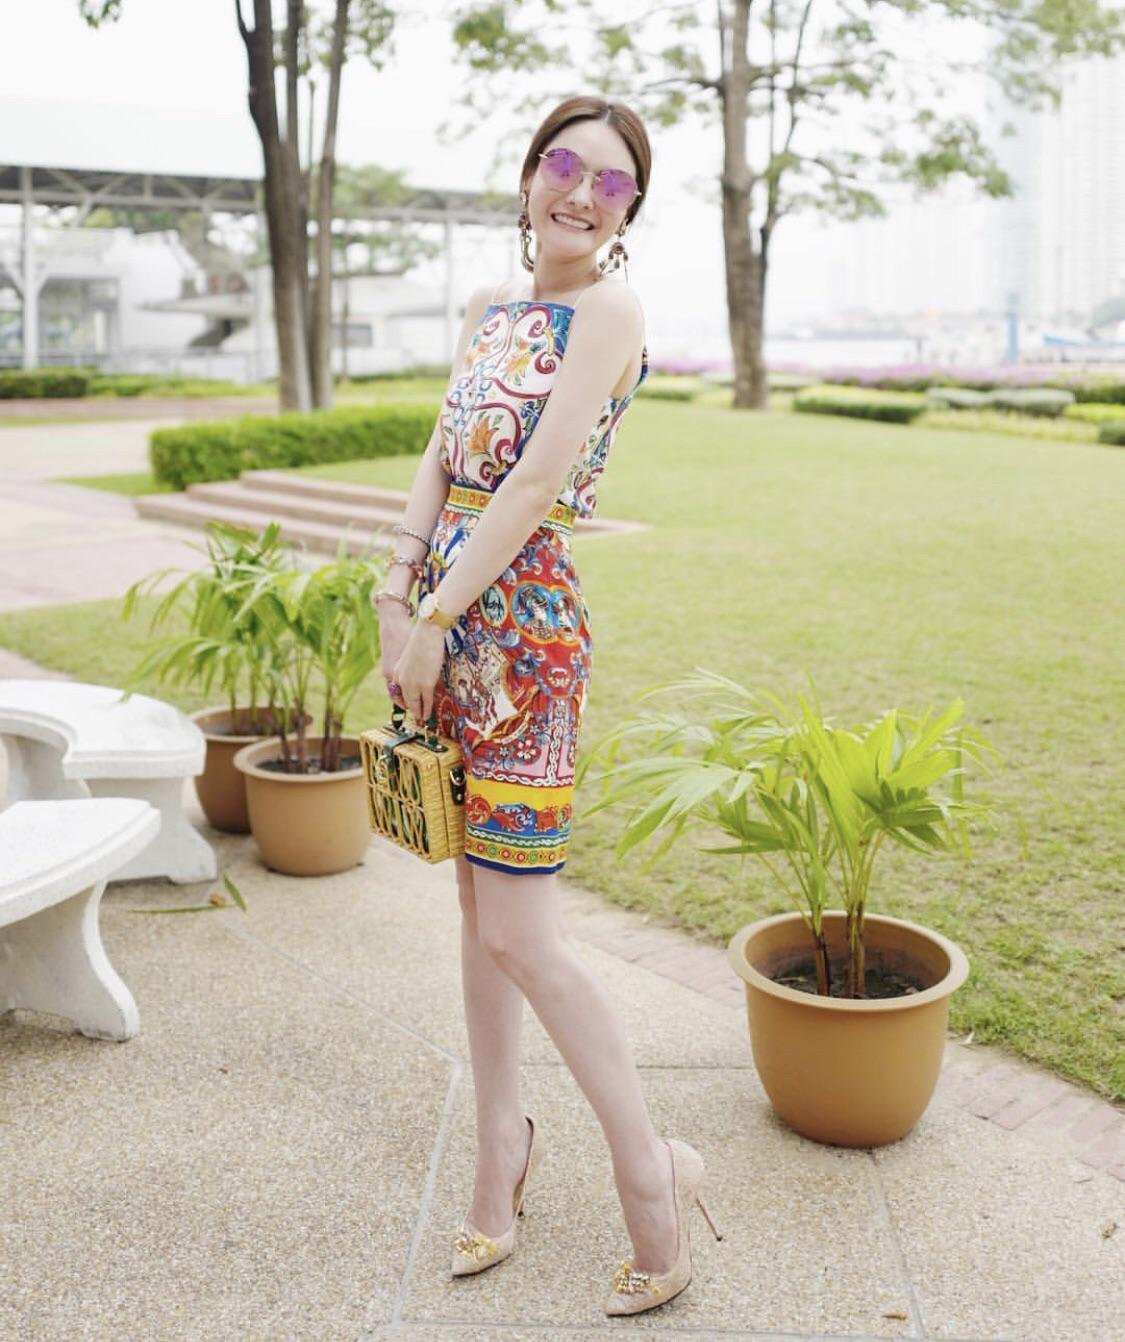 เซตเสื้อสายเดี่ยวสกรีนลายดอกไม้หลากสี สีสันสด